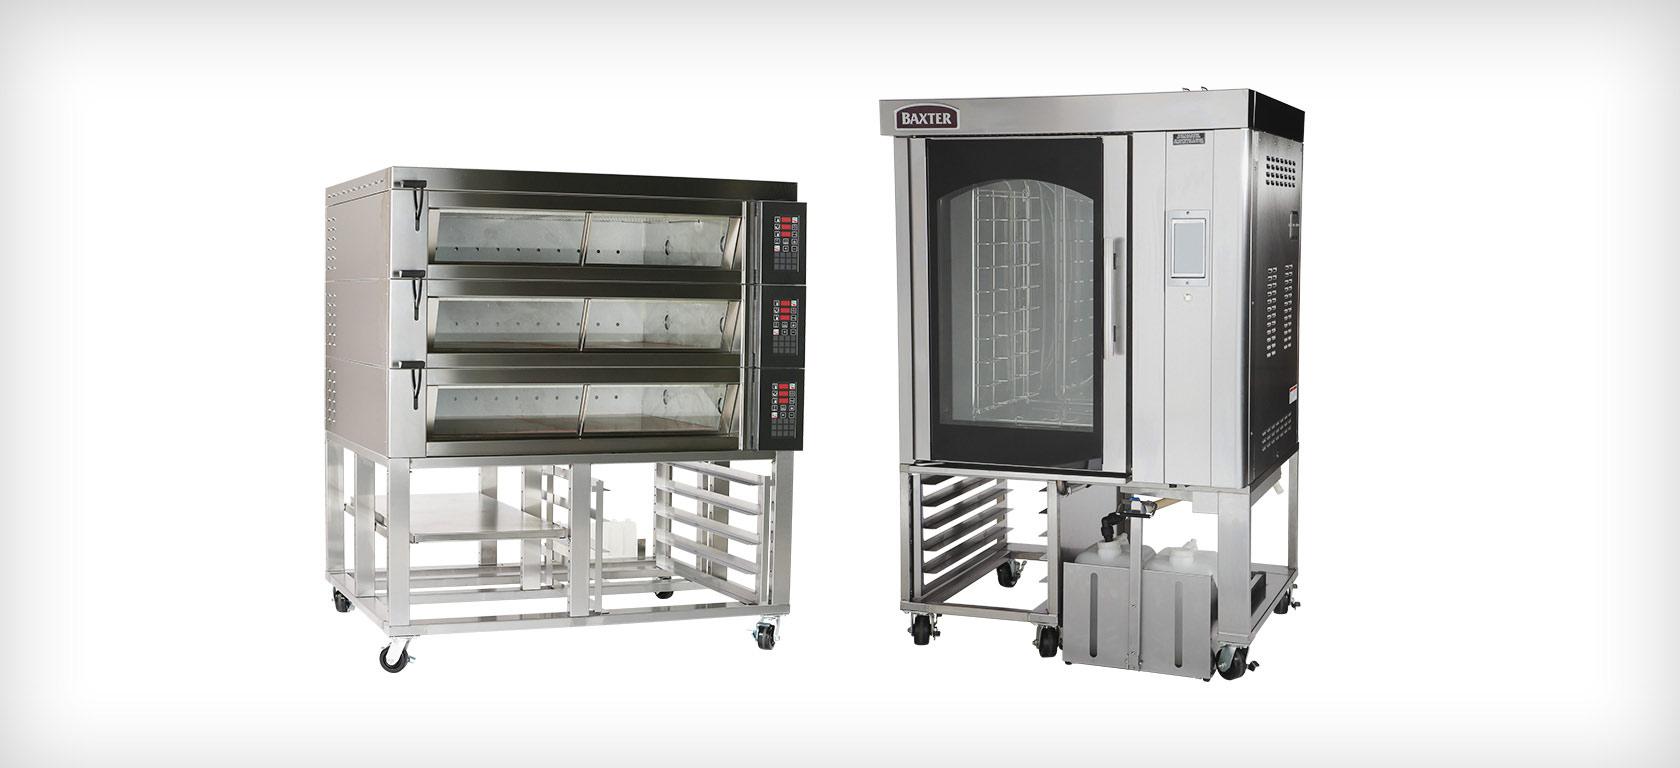 Baxter Deck oven OV450W Versa